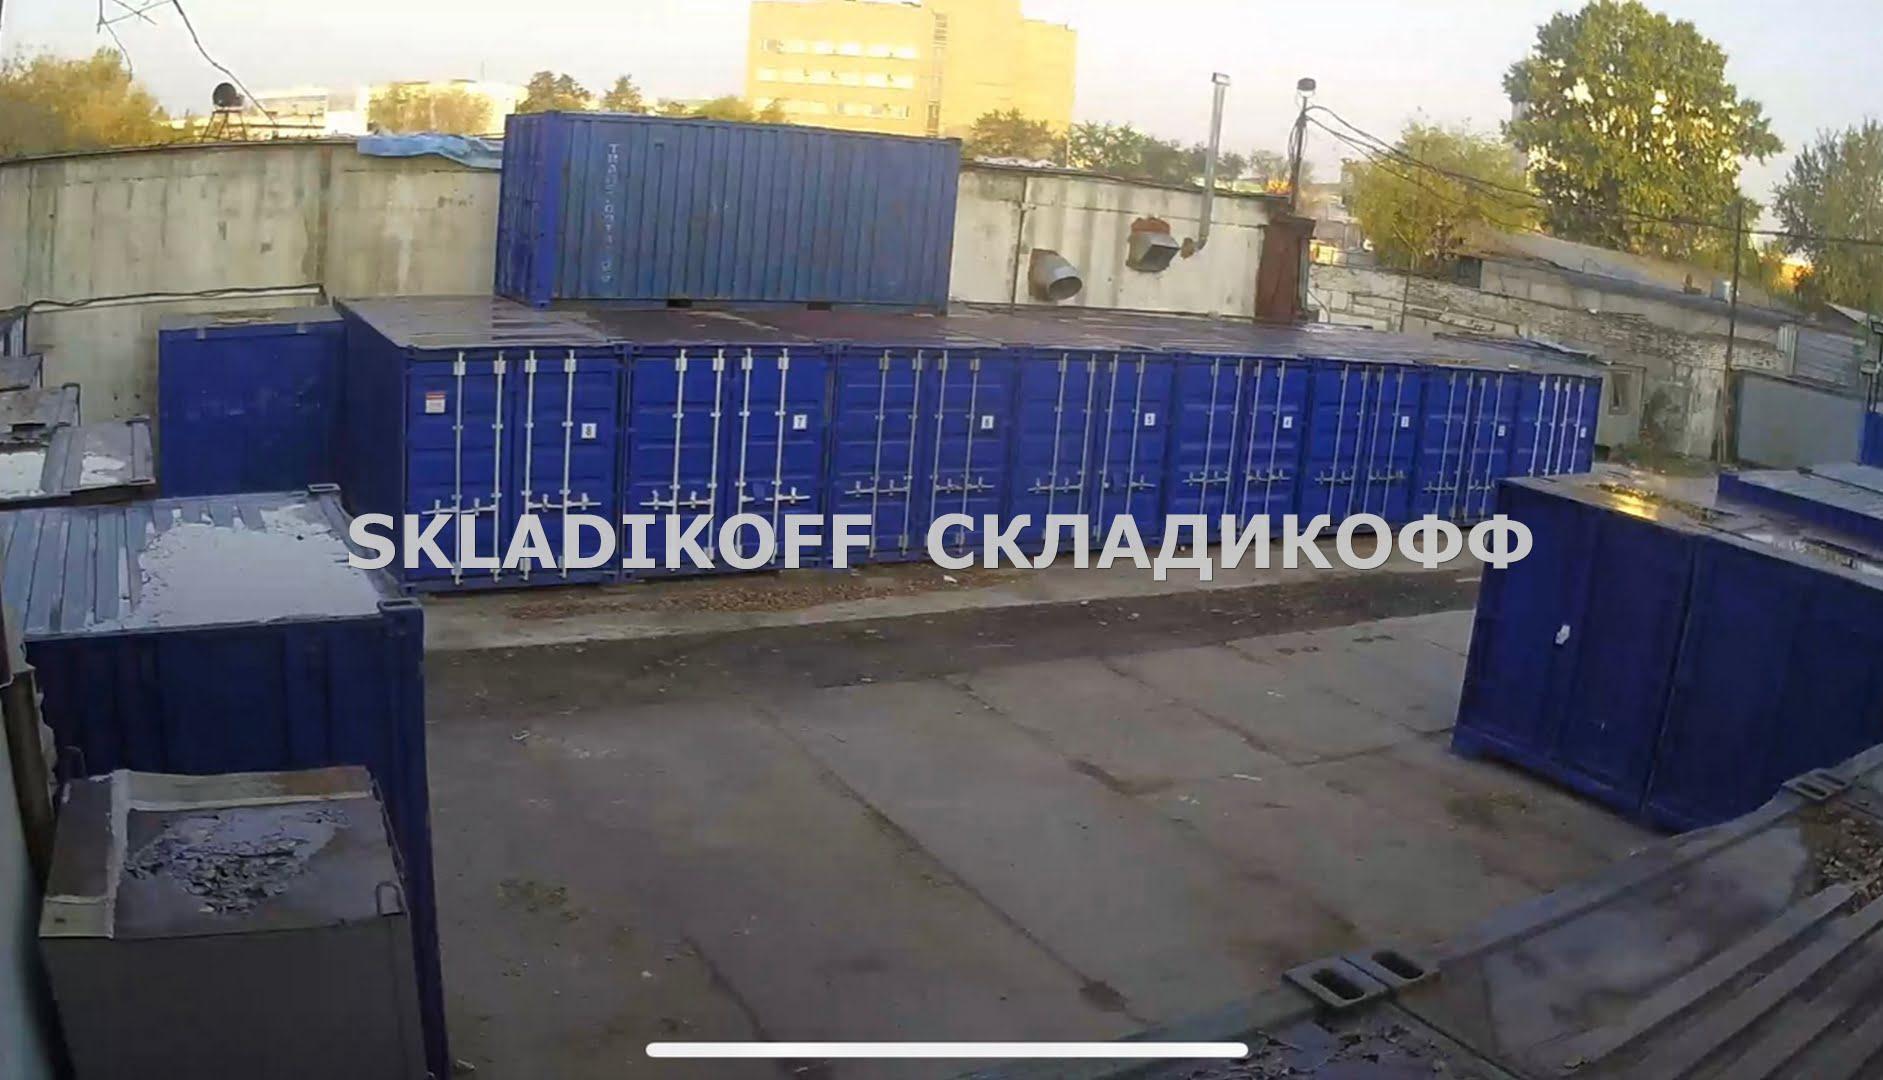 склад-контейнер в ЮВАО